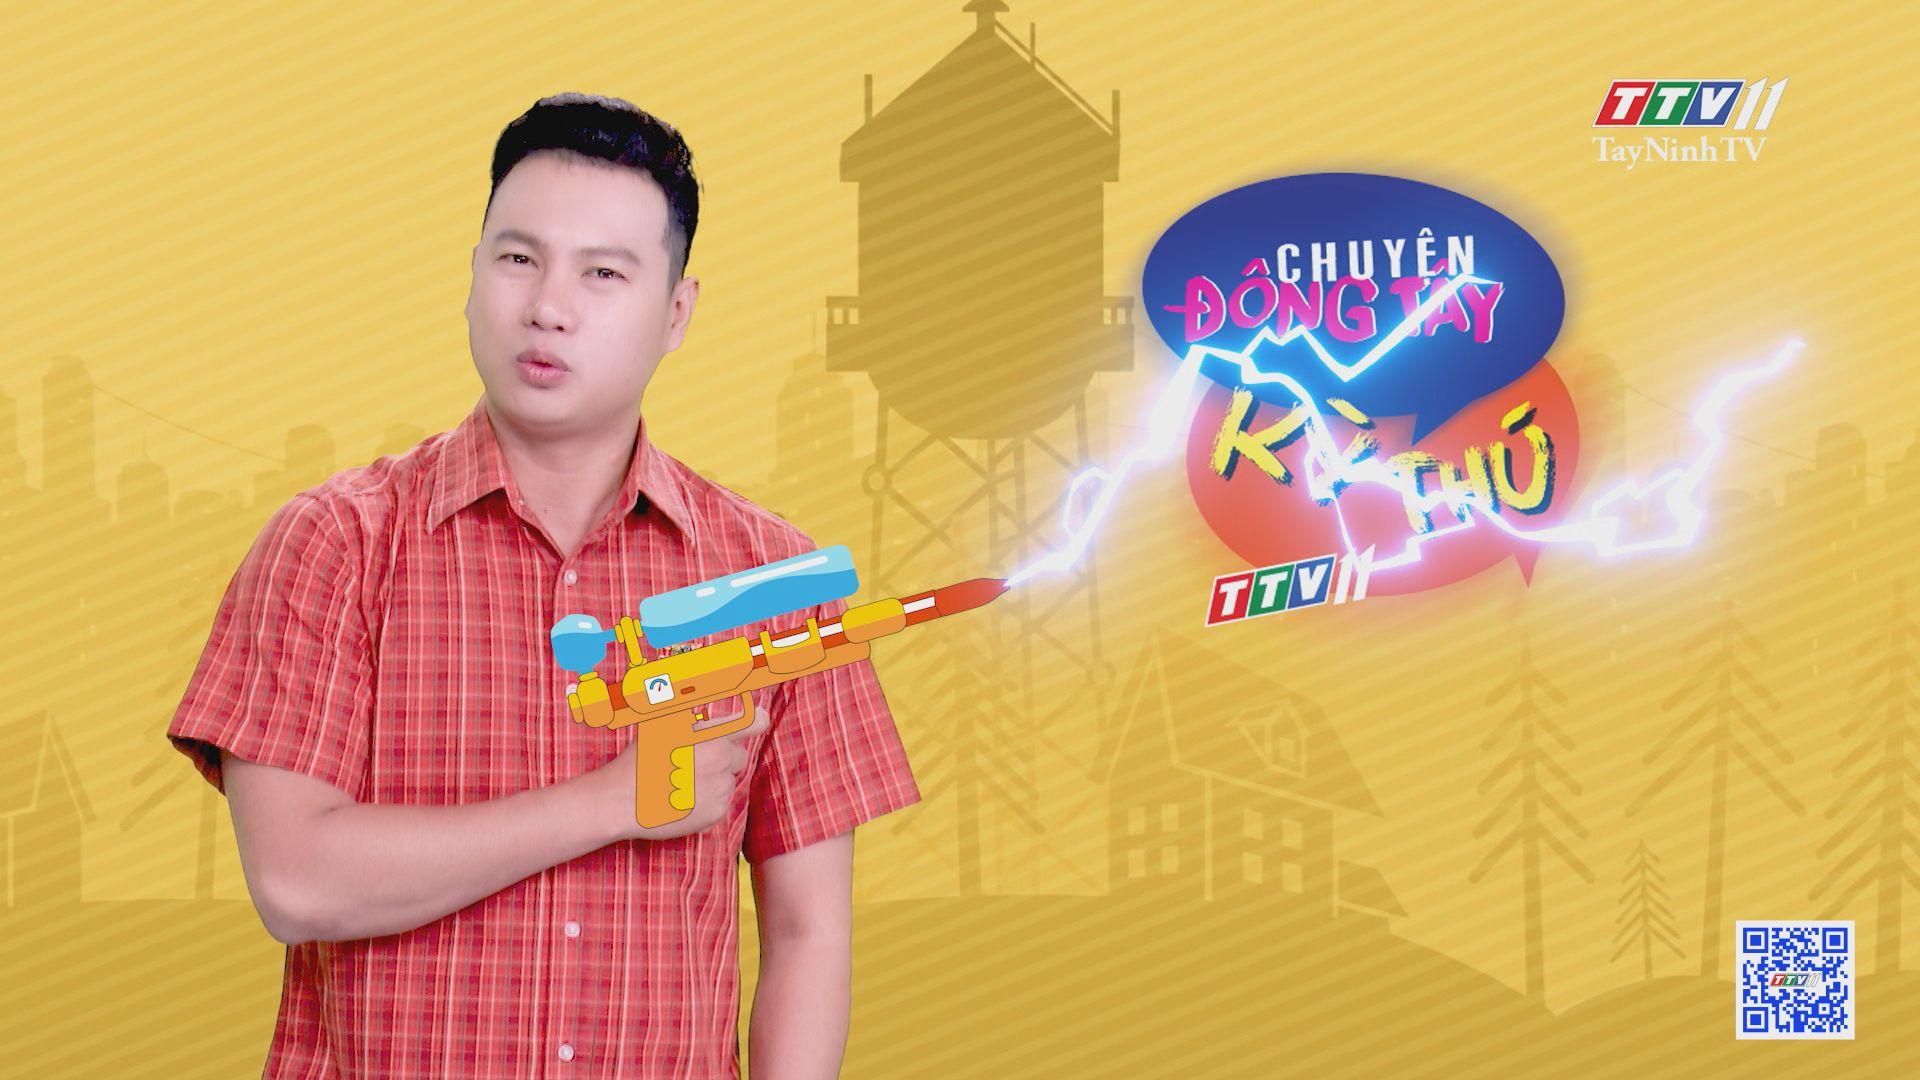 Xạ thủ Nga chơi nhạc beethoven bằng súng   CHUYỆN ĐÔNG TÂY KỲ THÚ   TayNinhTVE